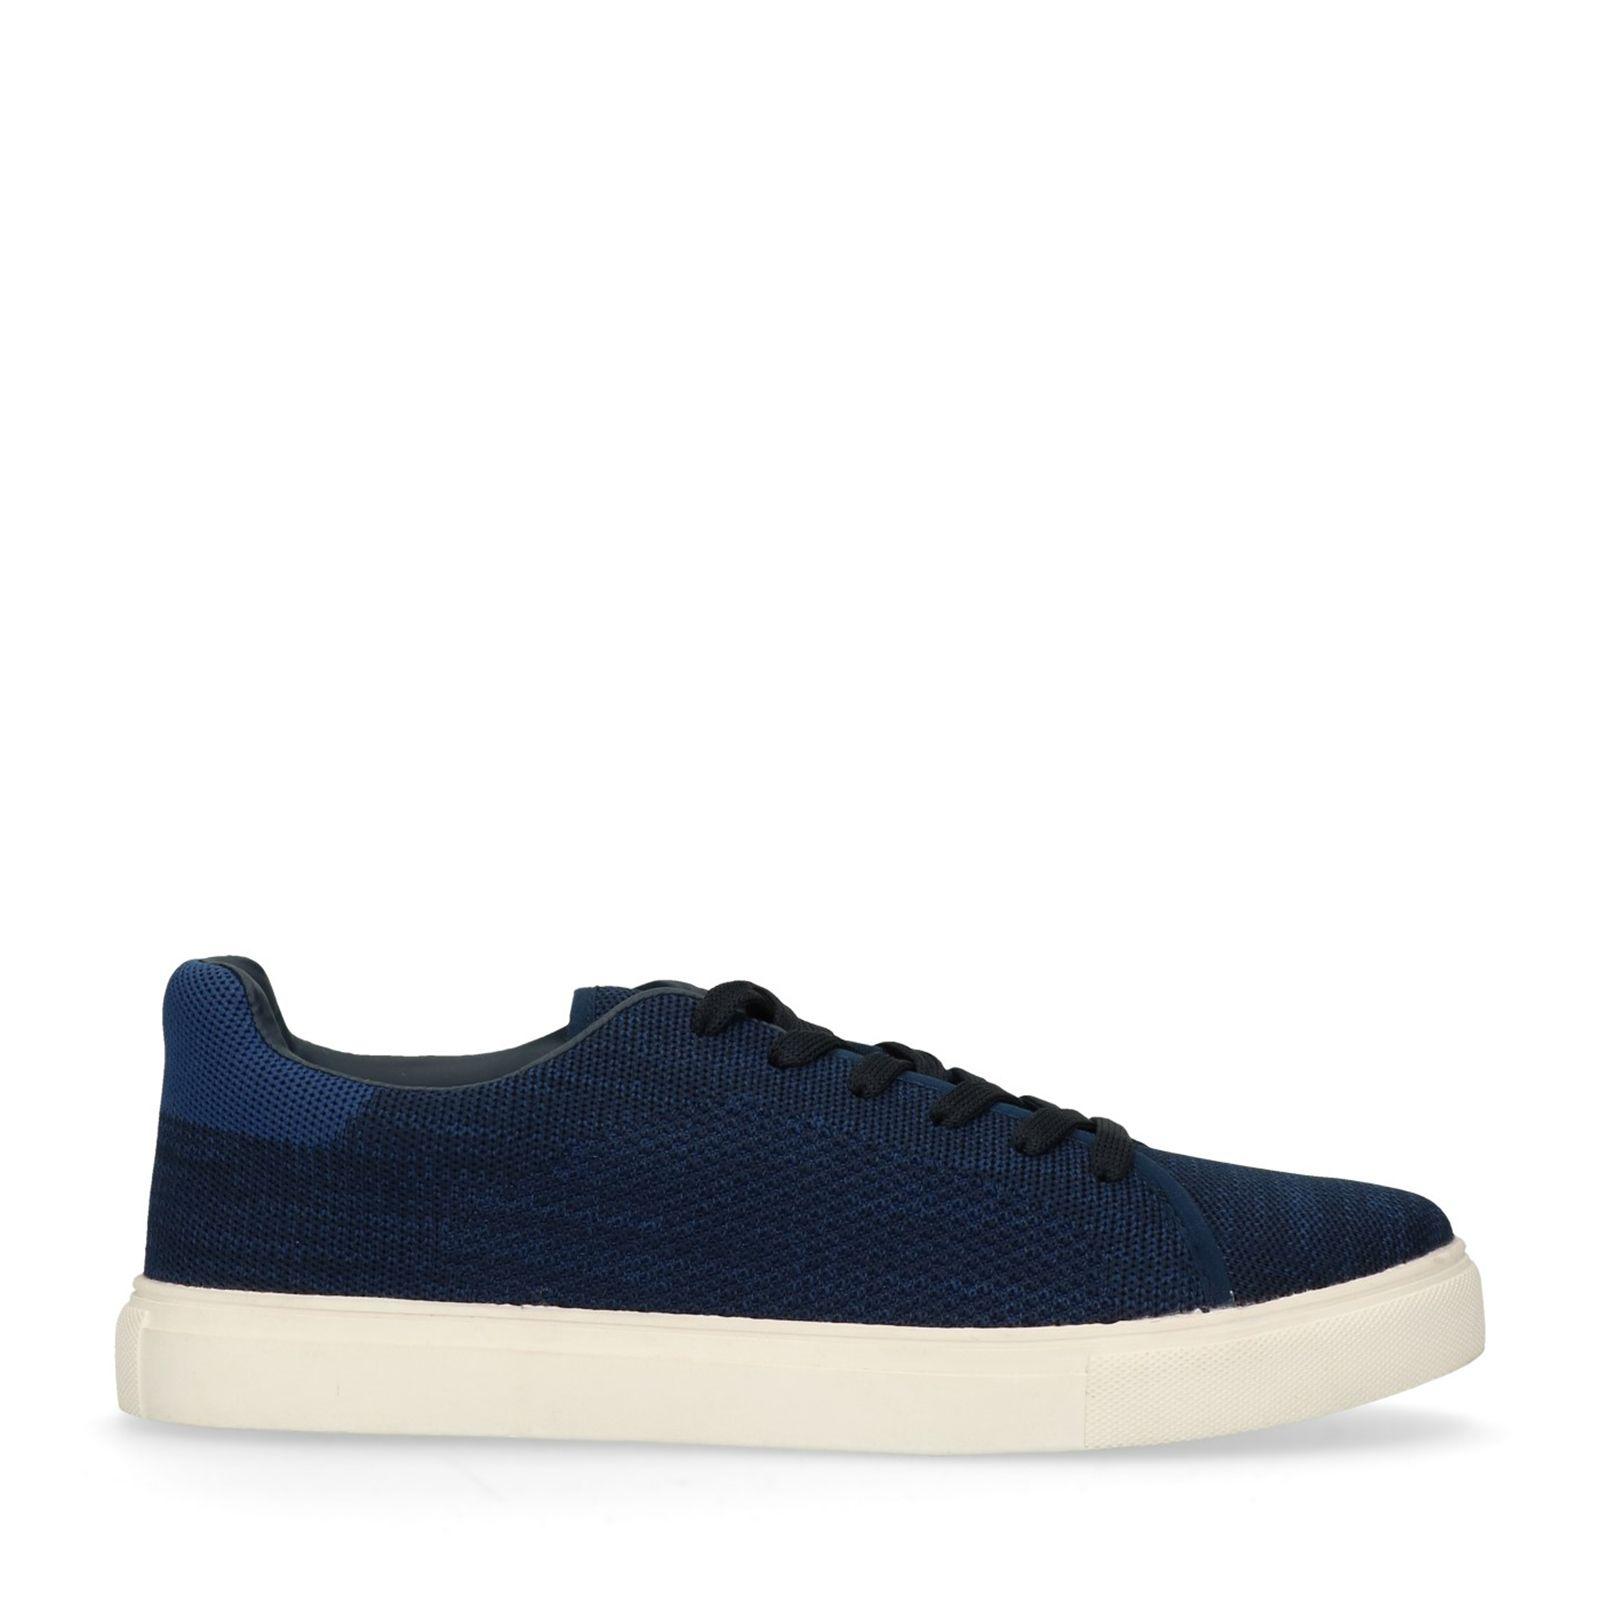 SALE: de mooiste schoenen met KORTING shoppen | MANFIELD